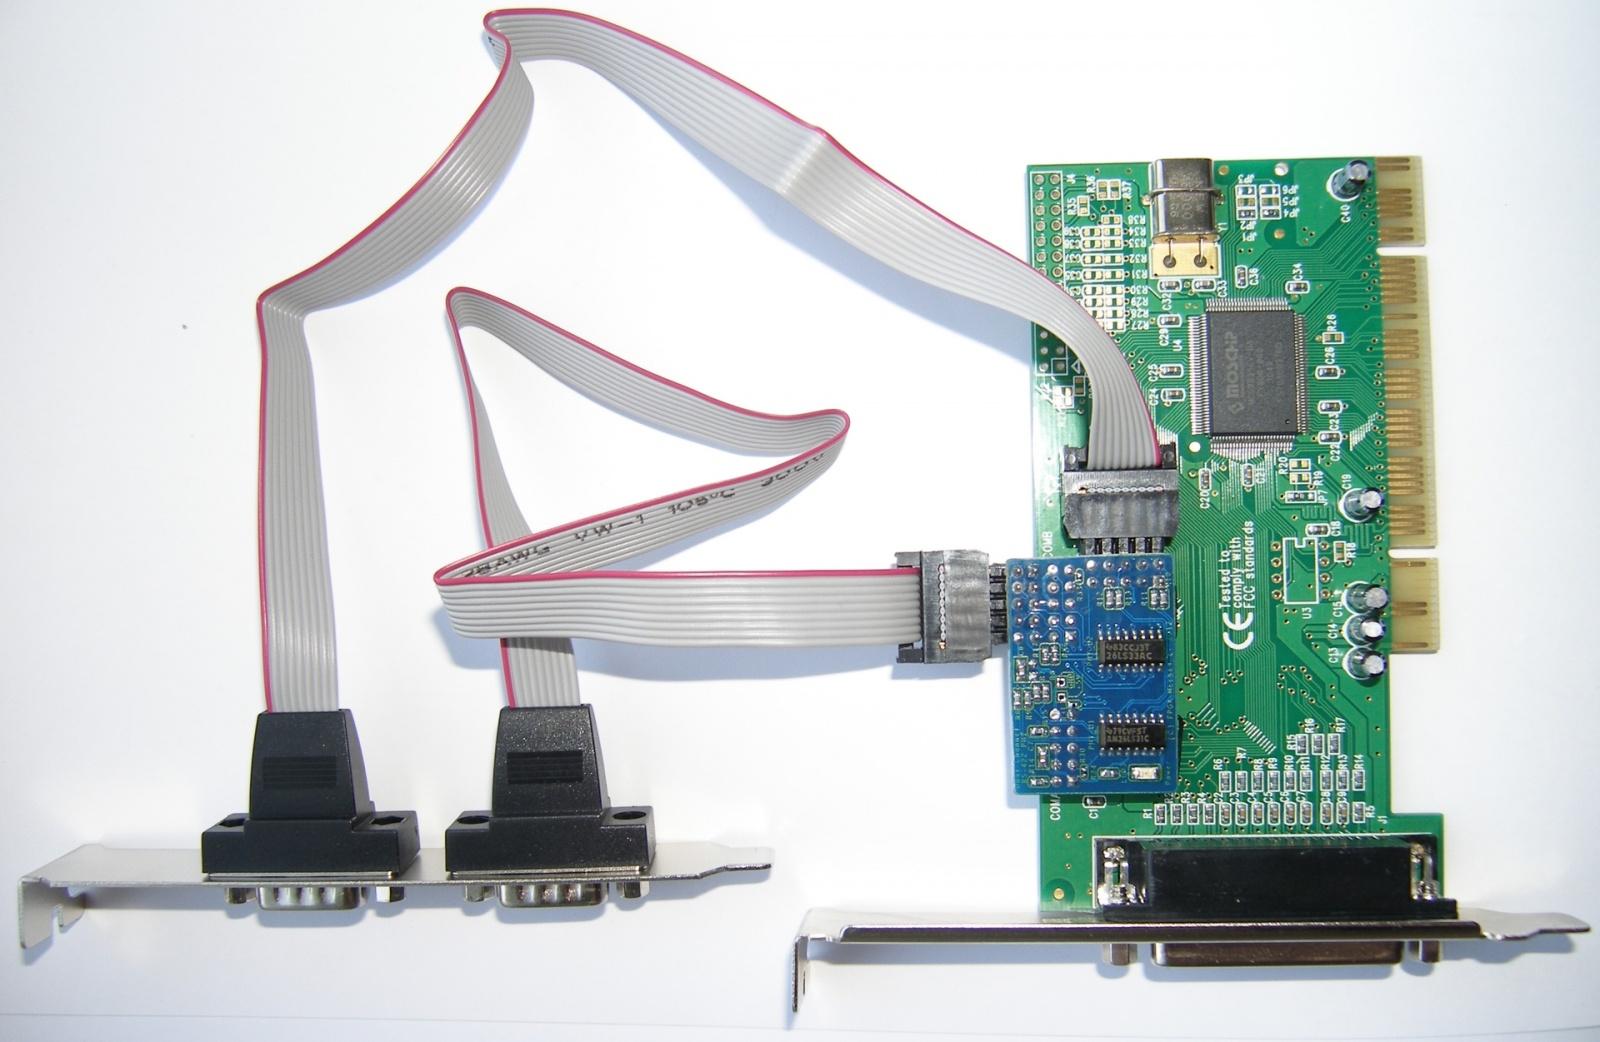 Адаптеры сопряжения RS-422 с поддержкой скоростей до 1Мбод для системной шины PCI - 24